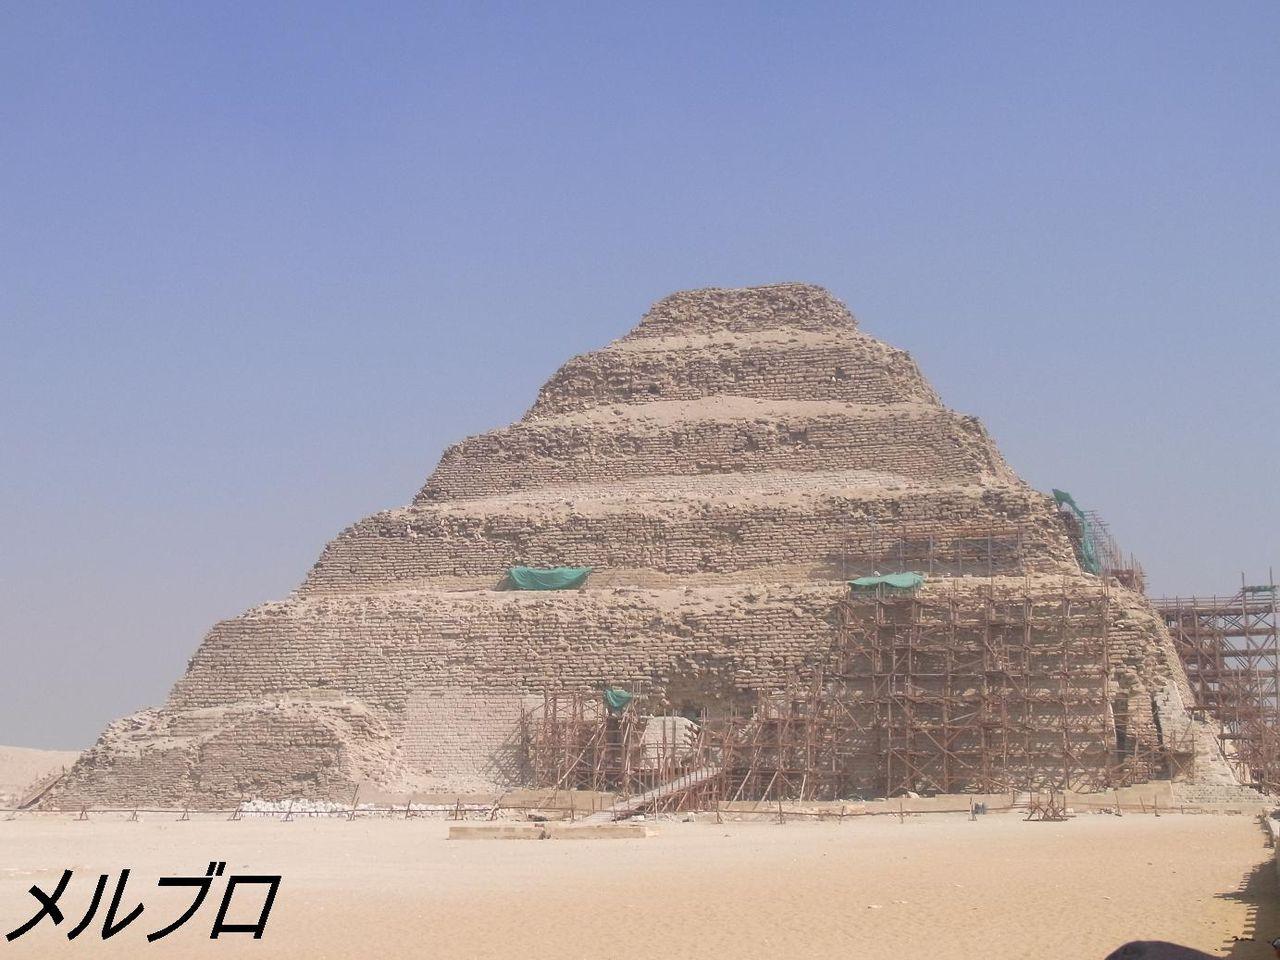 ジョセル王のピラミッド